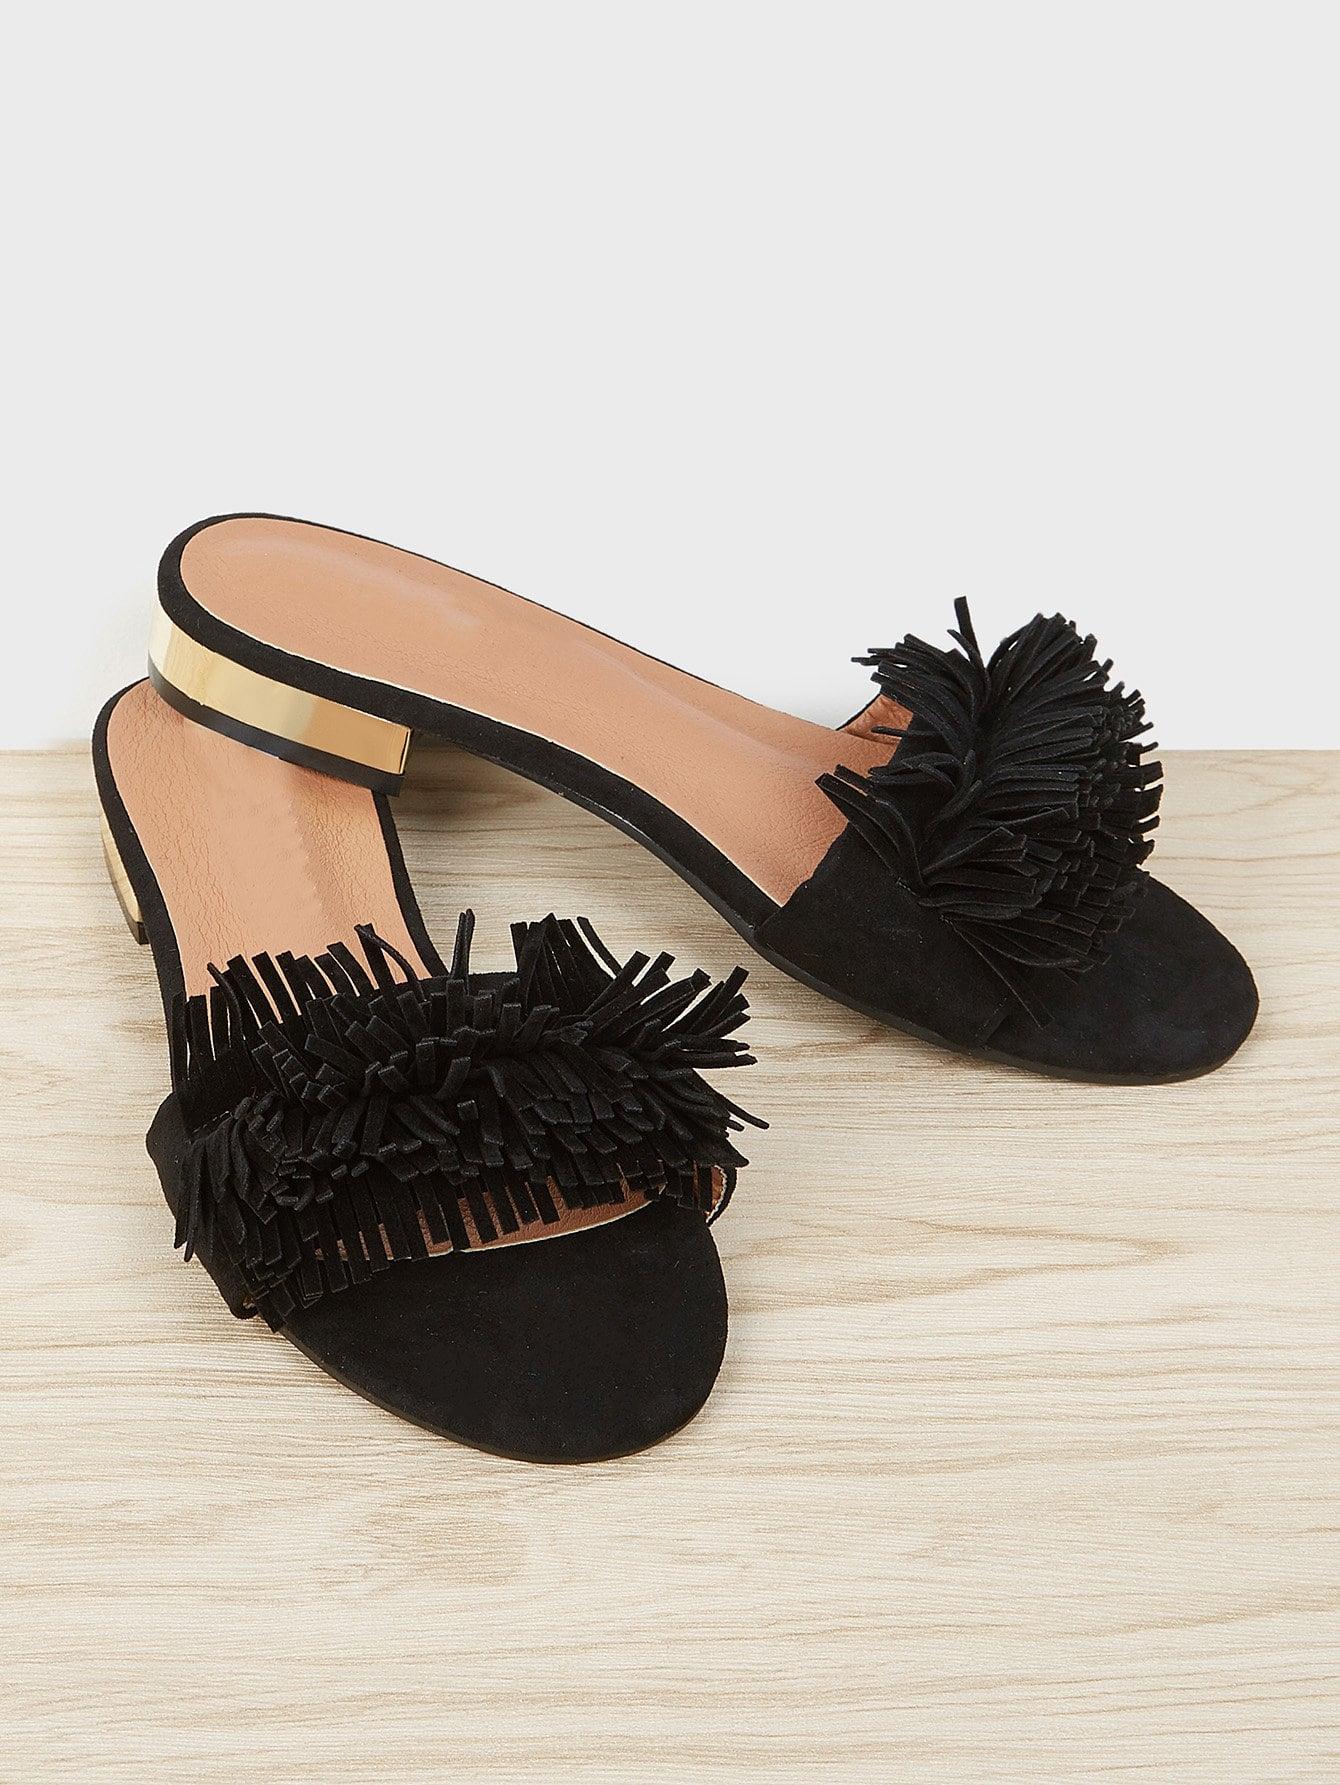 Tassel Trim Flat Sandals tassel